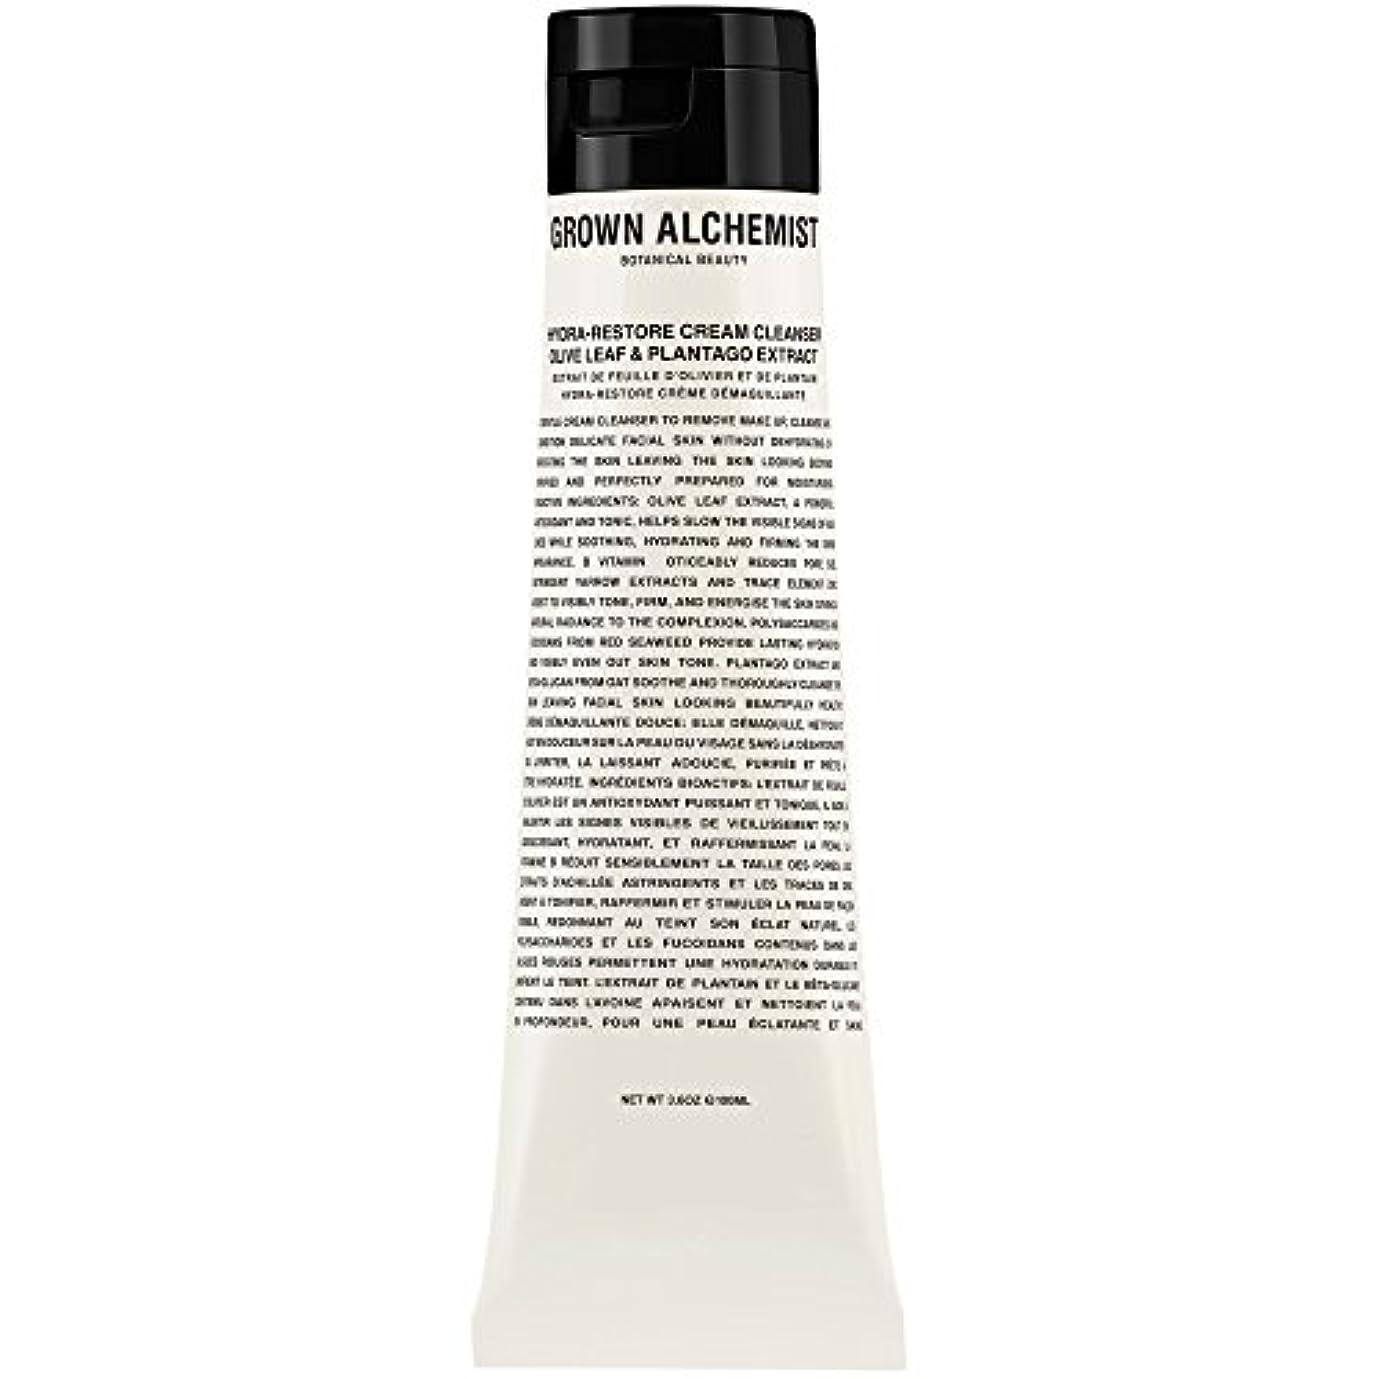 フィラデルフィア謎めいたウェイトレスオリーブの葉&Plantogoエキス、100ミリリットル:成長した錬金術師クリームクレンザーをヒドラ復元 (Grown Alchemist) (x2) - Grown Alchemist Hydra-Restore Cream Cleanser: Olive Leaf & Plantogo Extract, 100ml (Pack of 2) [並行輸入品]